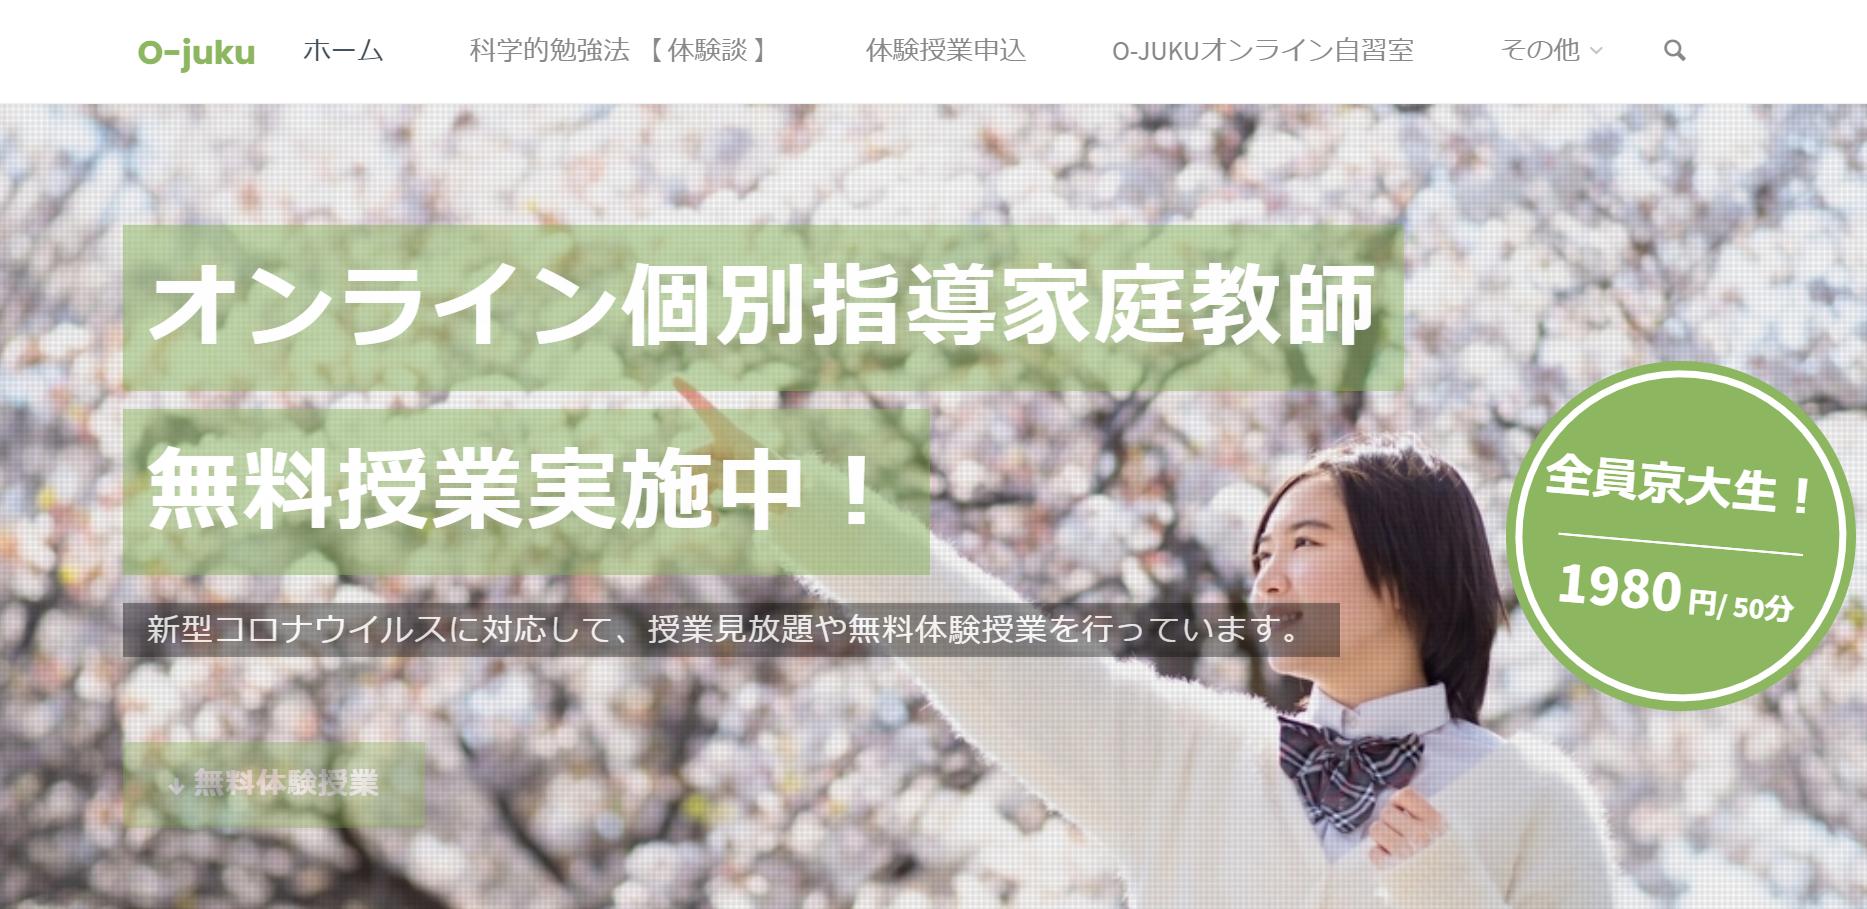 オンライン家庭教師O-juku 講師全員が京大生